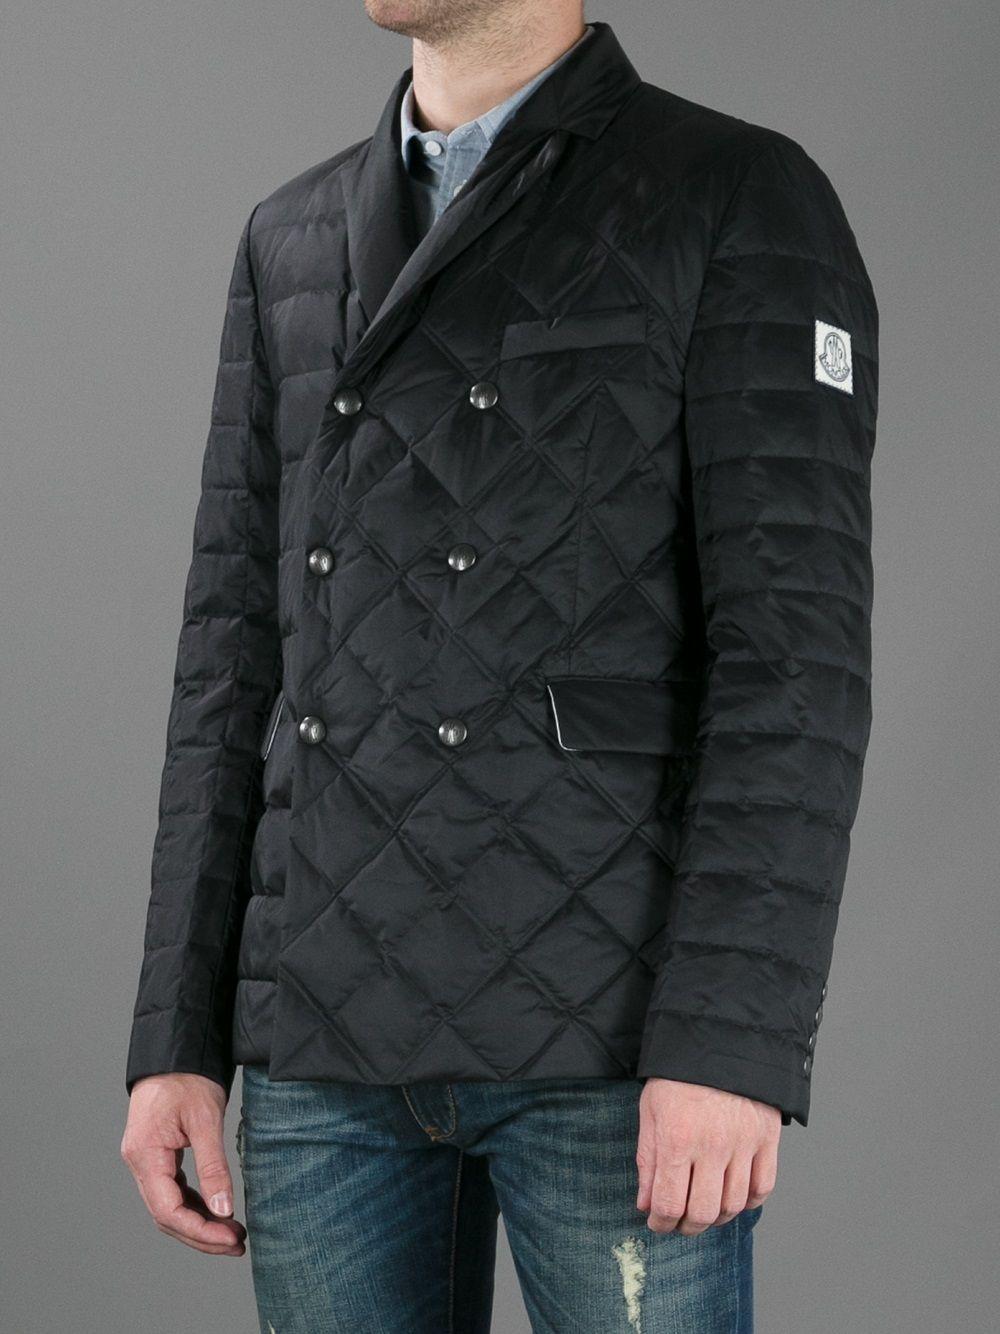 7e6c66b98cb4 Moncler Gamme Bleu Quilted Jacket.